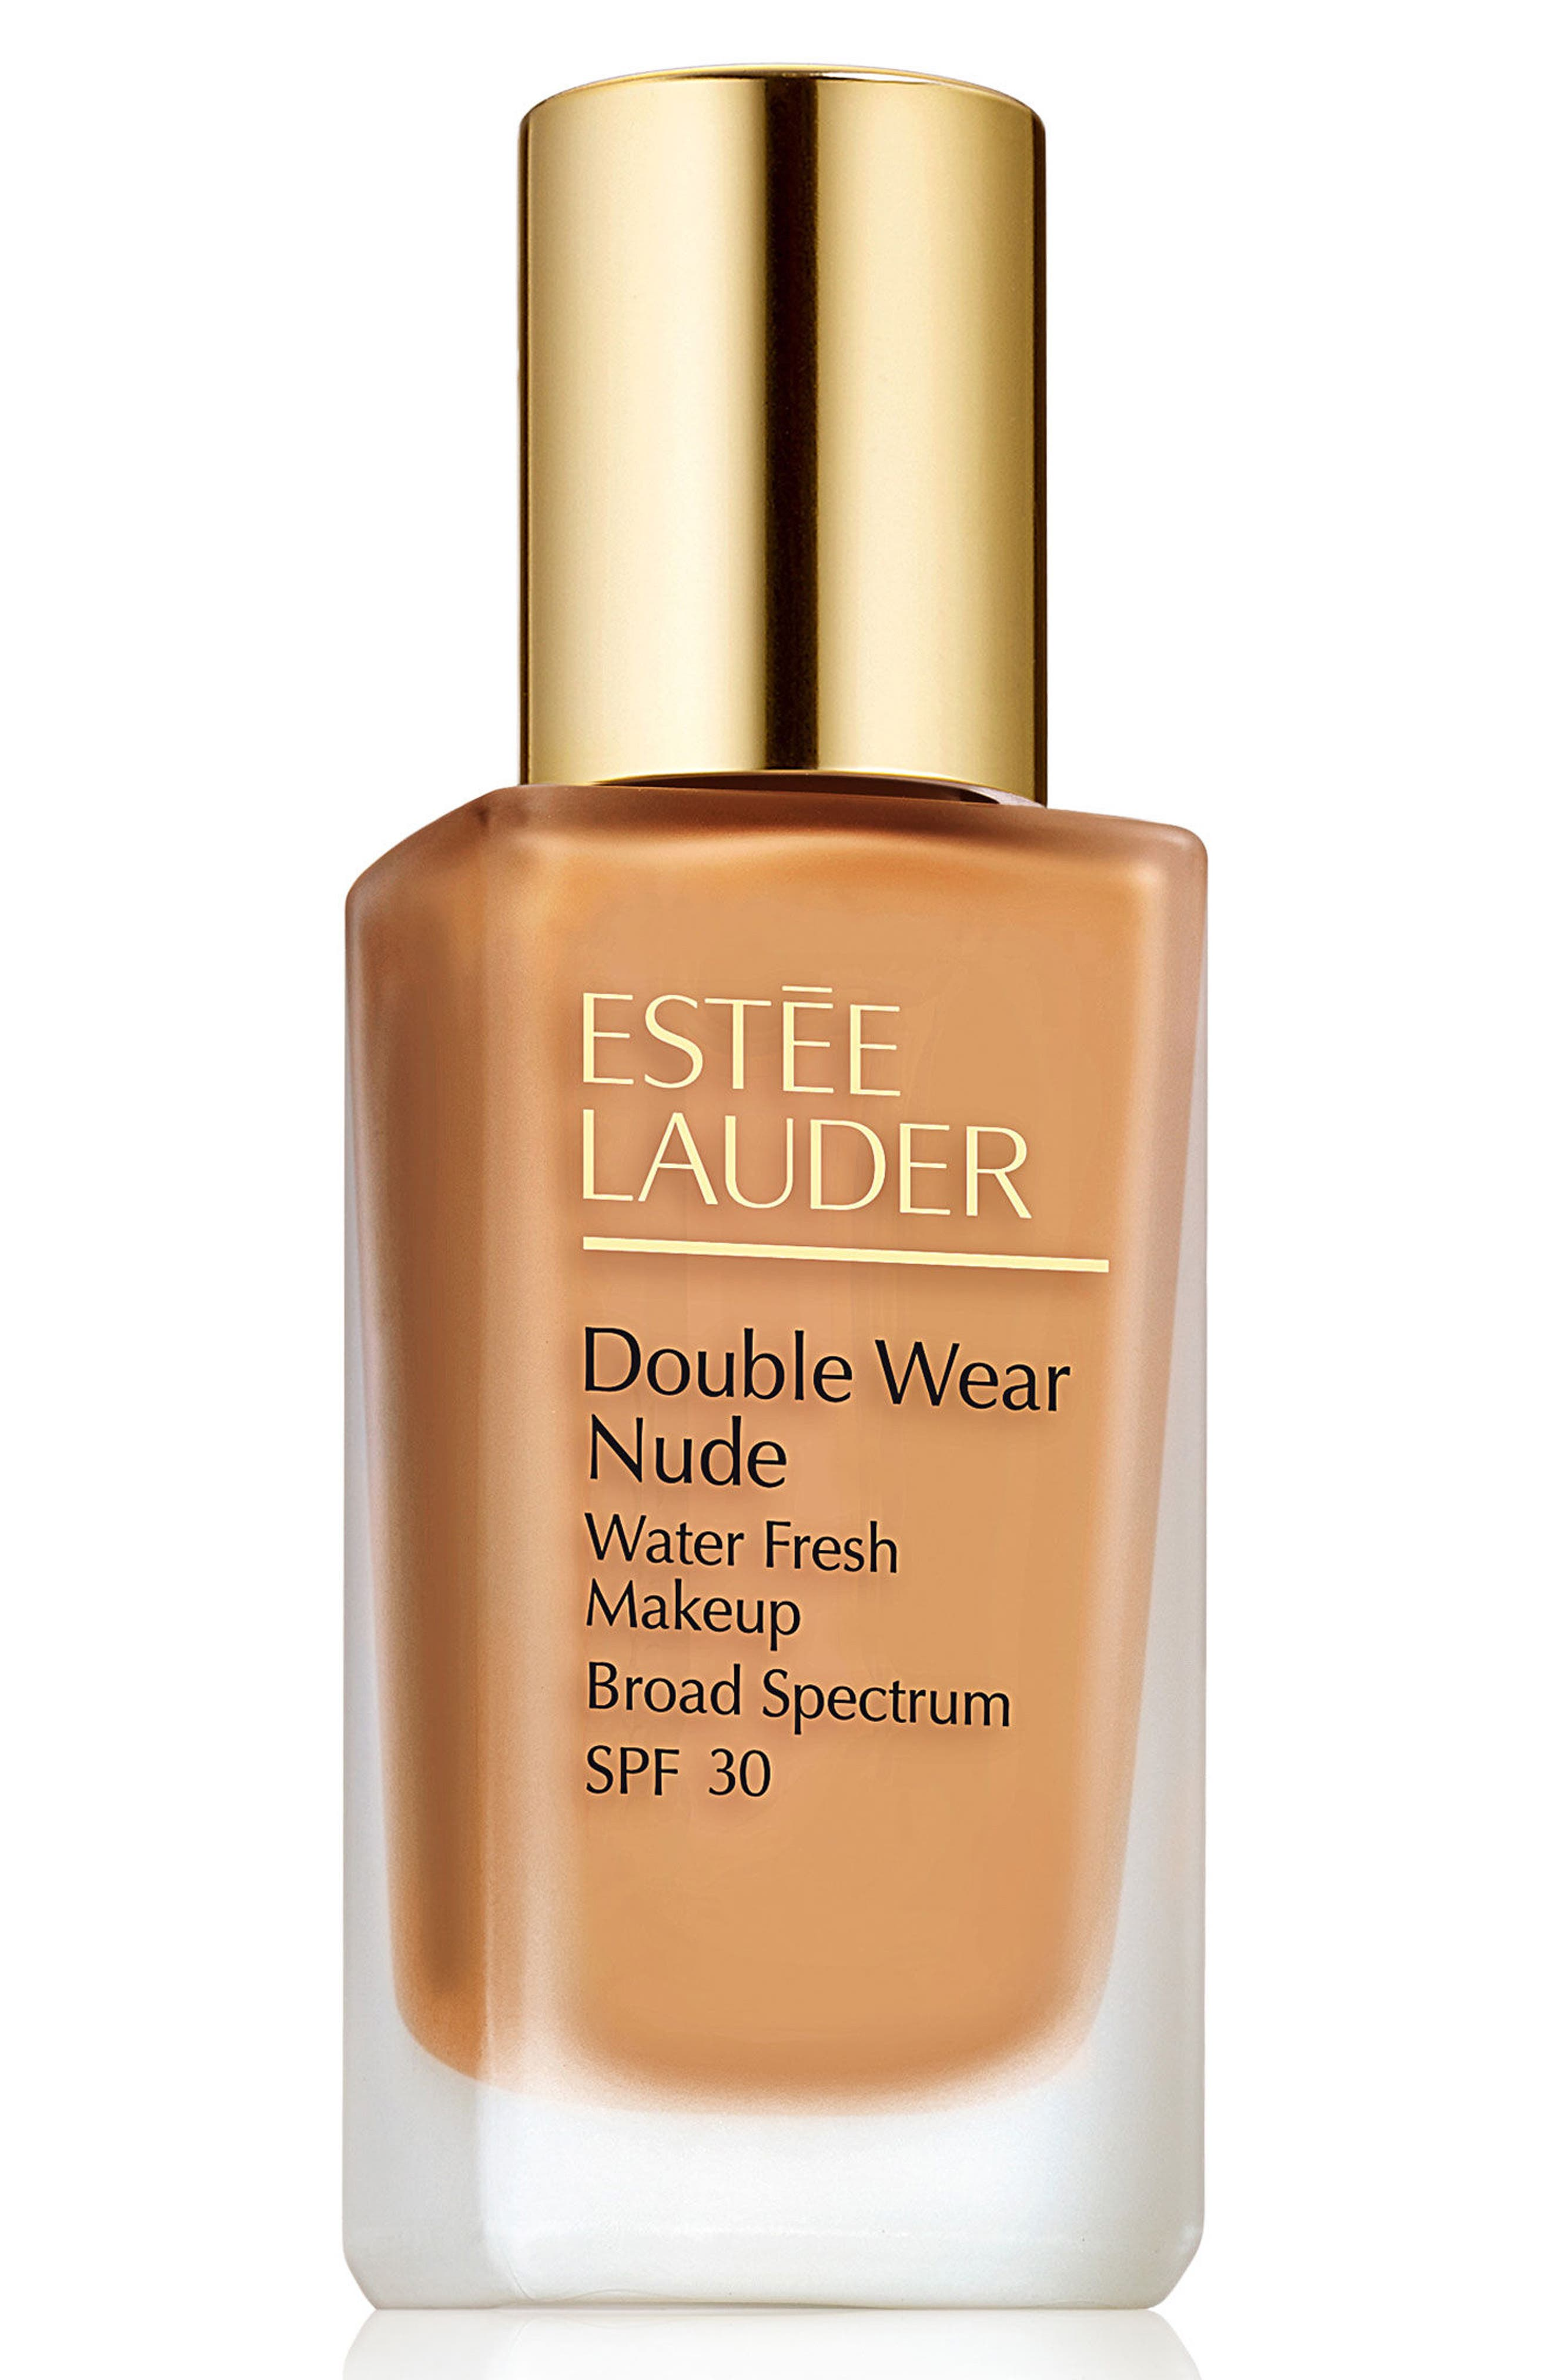 Estee Lauder Double Wear Nude Water Fresh Makeup Broad Spectrum Spf 30 - 1 Honey Bronze